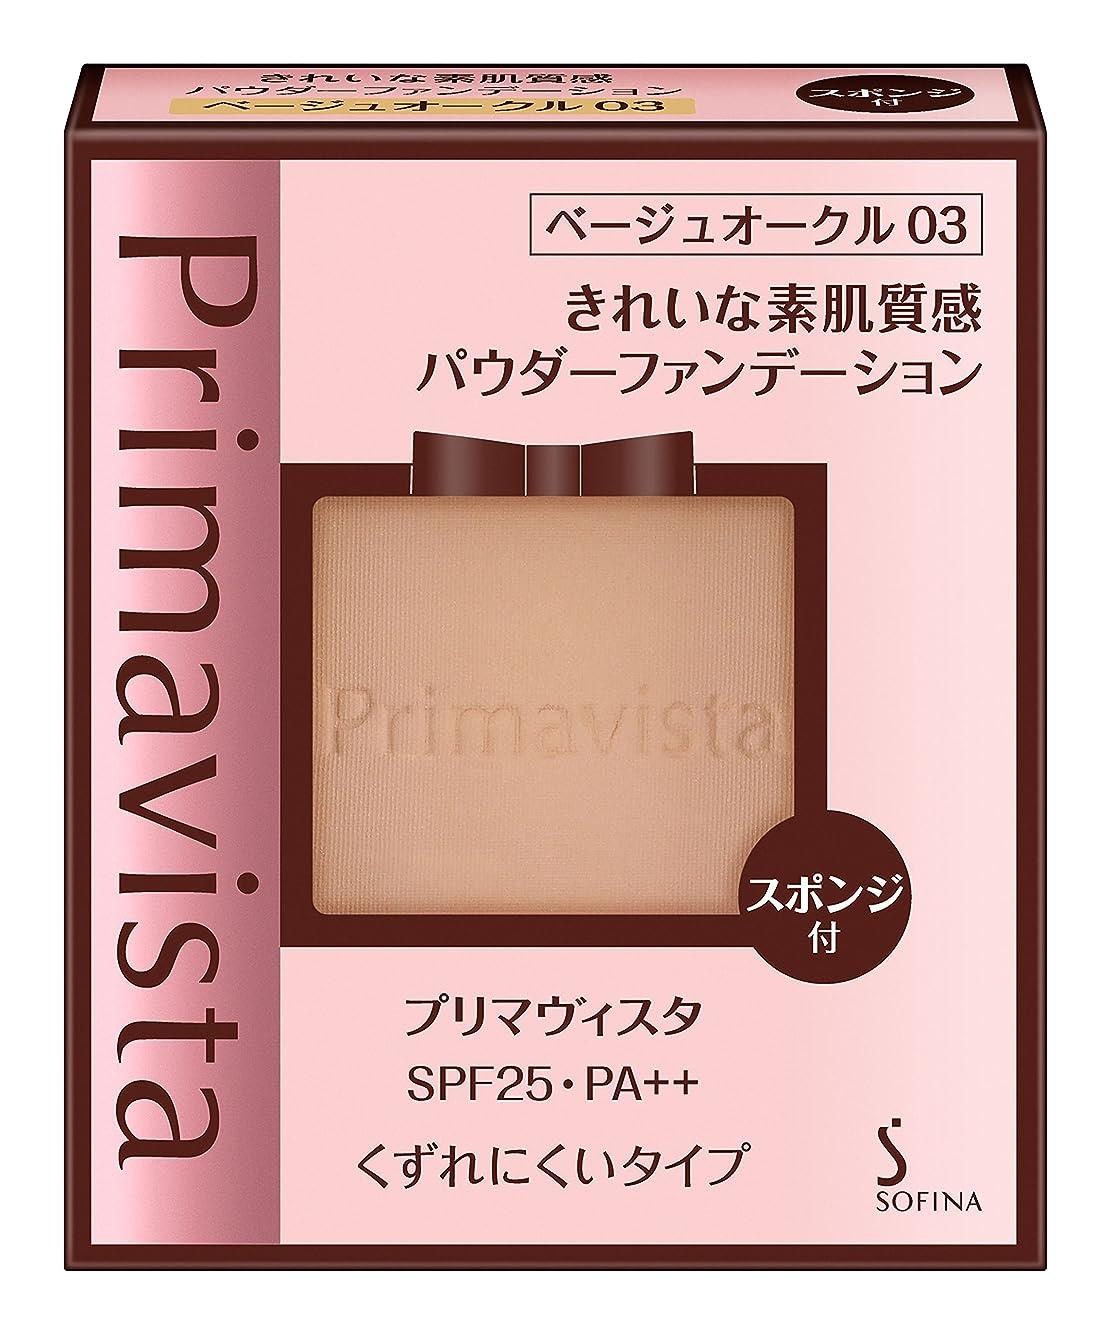 インカ帝国ファセット一目プリマヴィスタ きれいな素肌質感パウダーファンデーション ベージュオークル03 SPF25 PA++ 9g